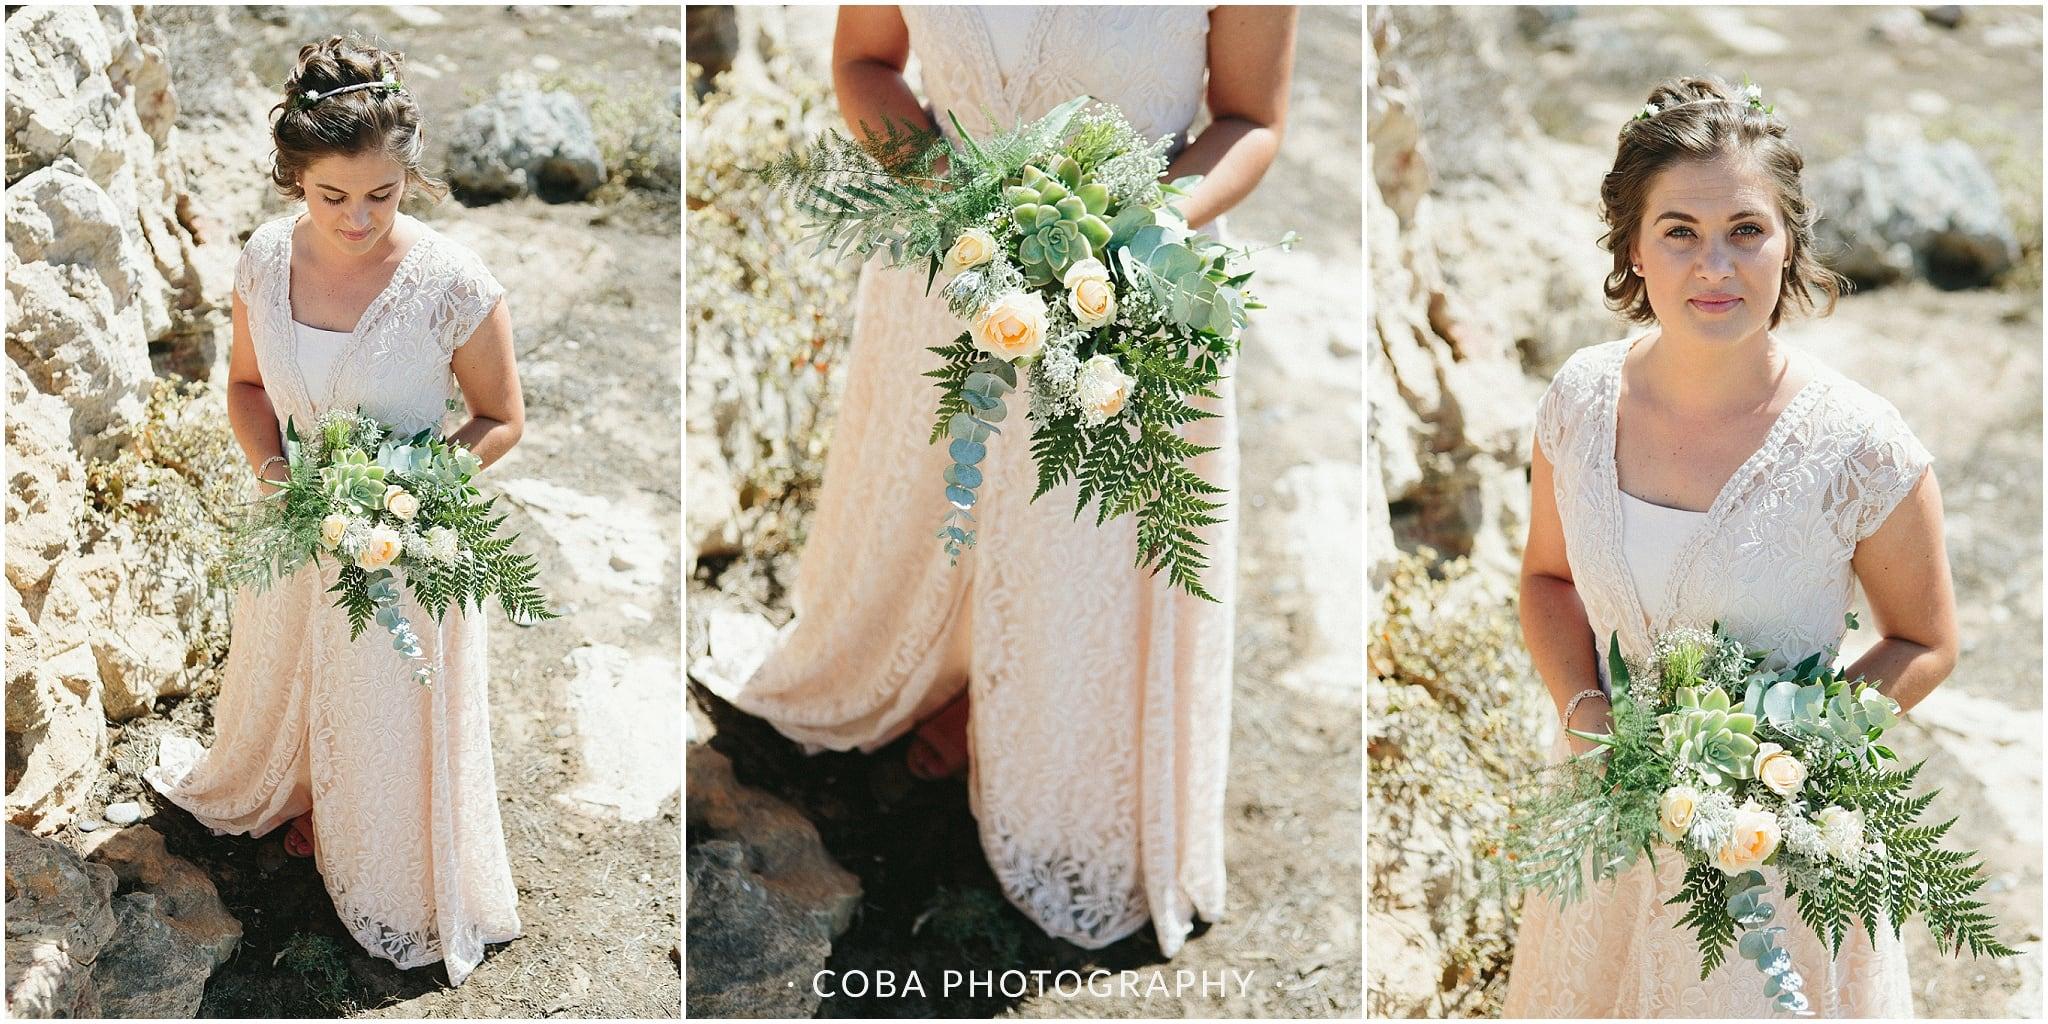 Sam & Carine _ Bosduifklip _ Coba Photography  (40)